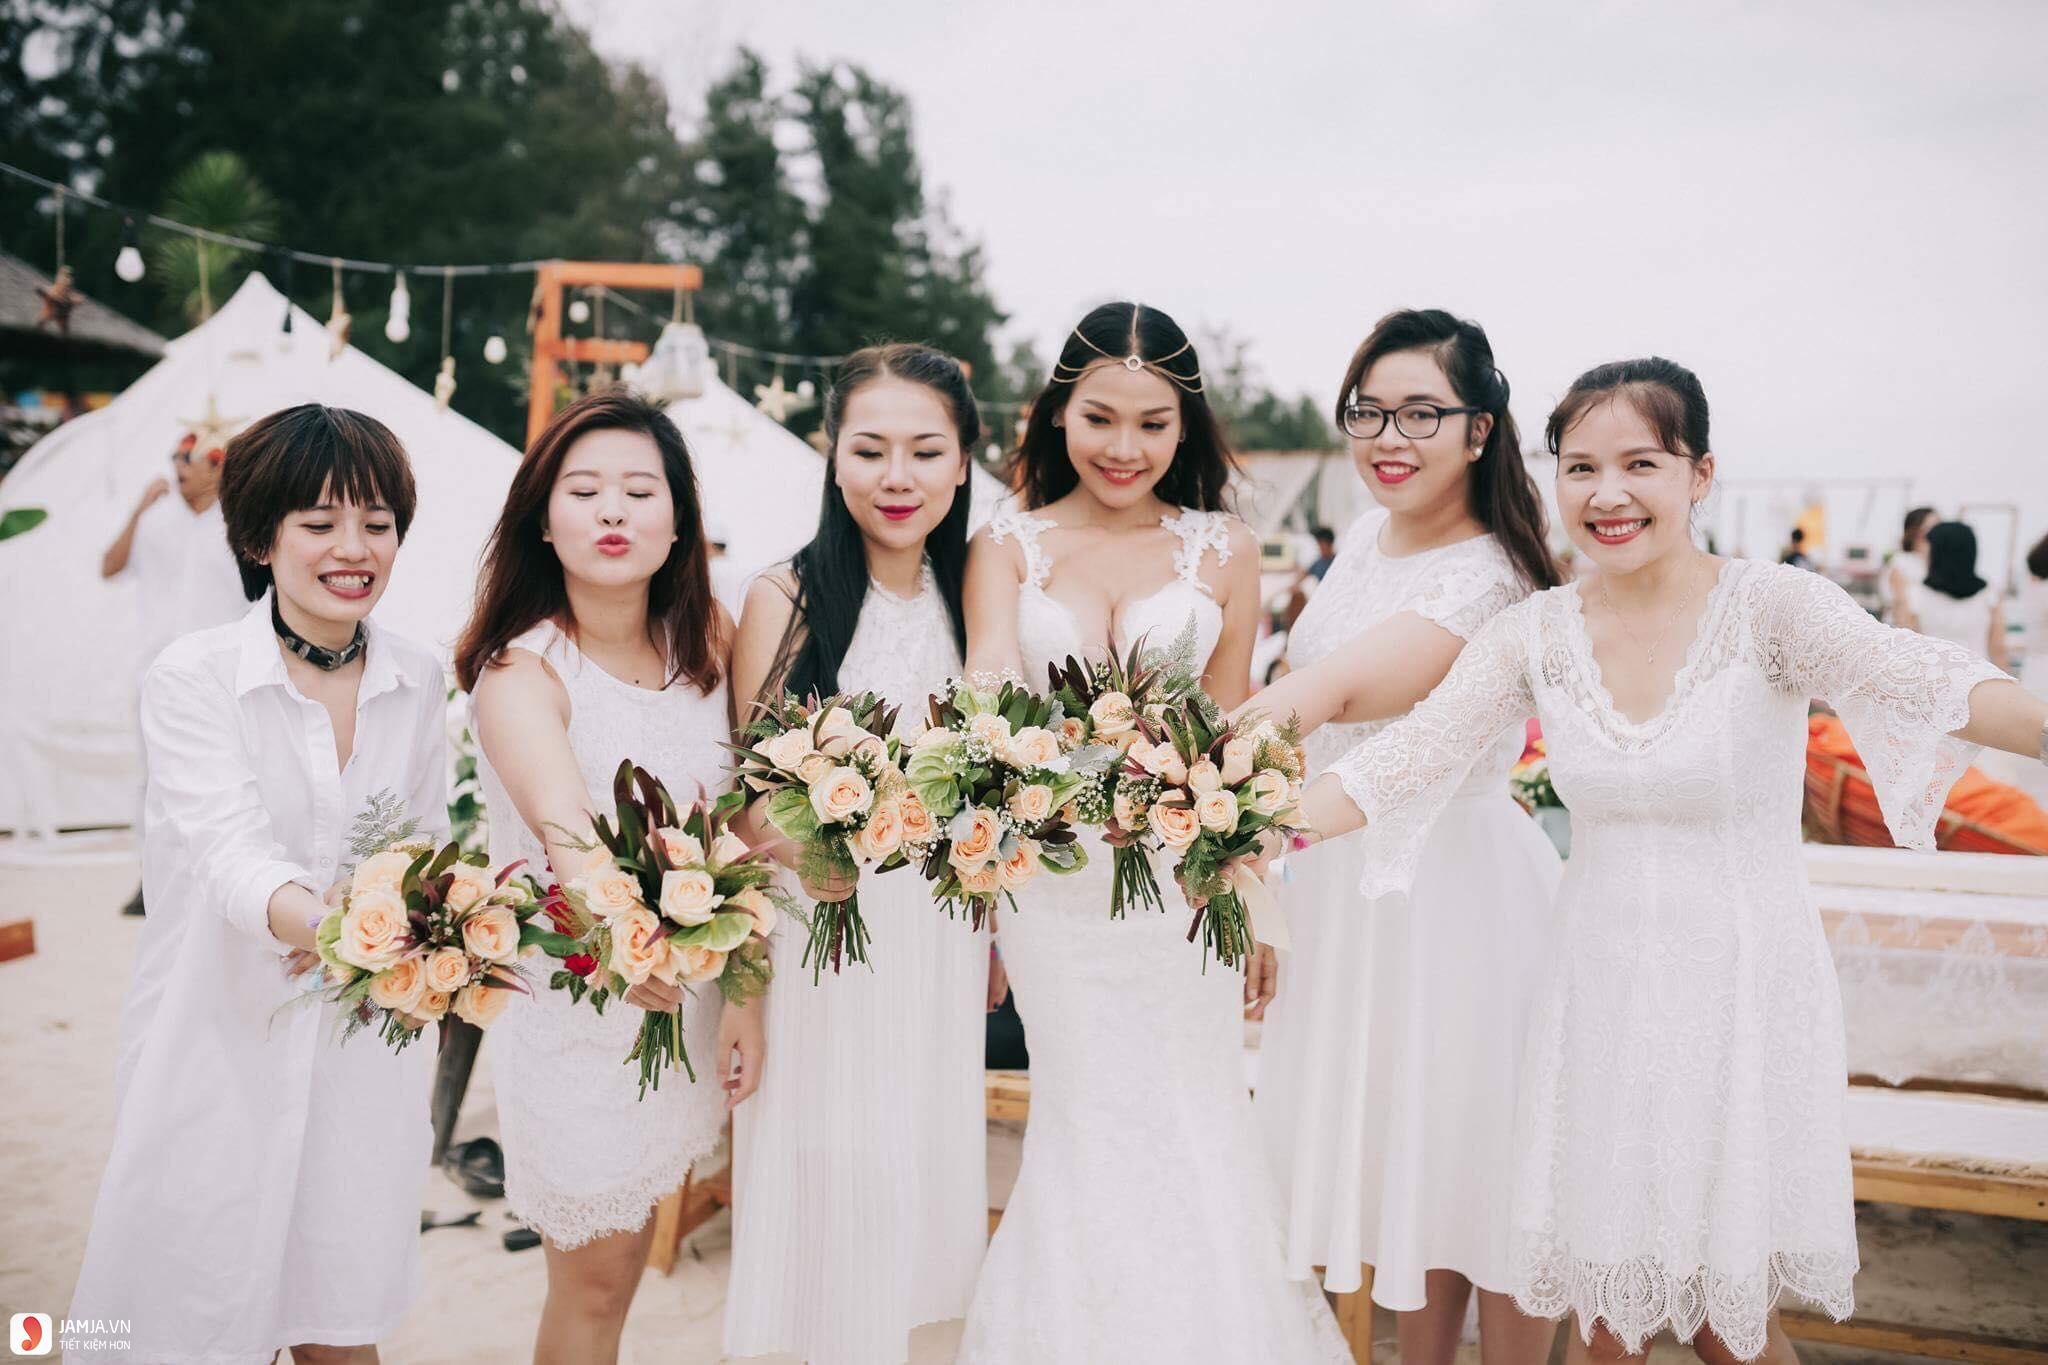 Đám cưới tổ chức trên bãi biển